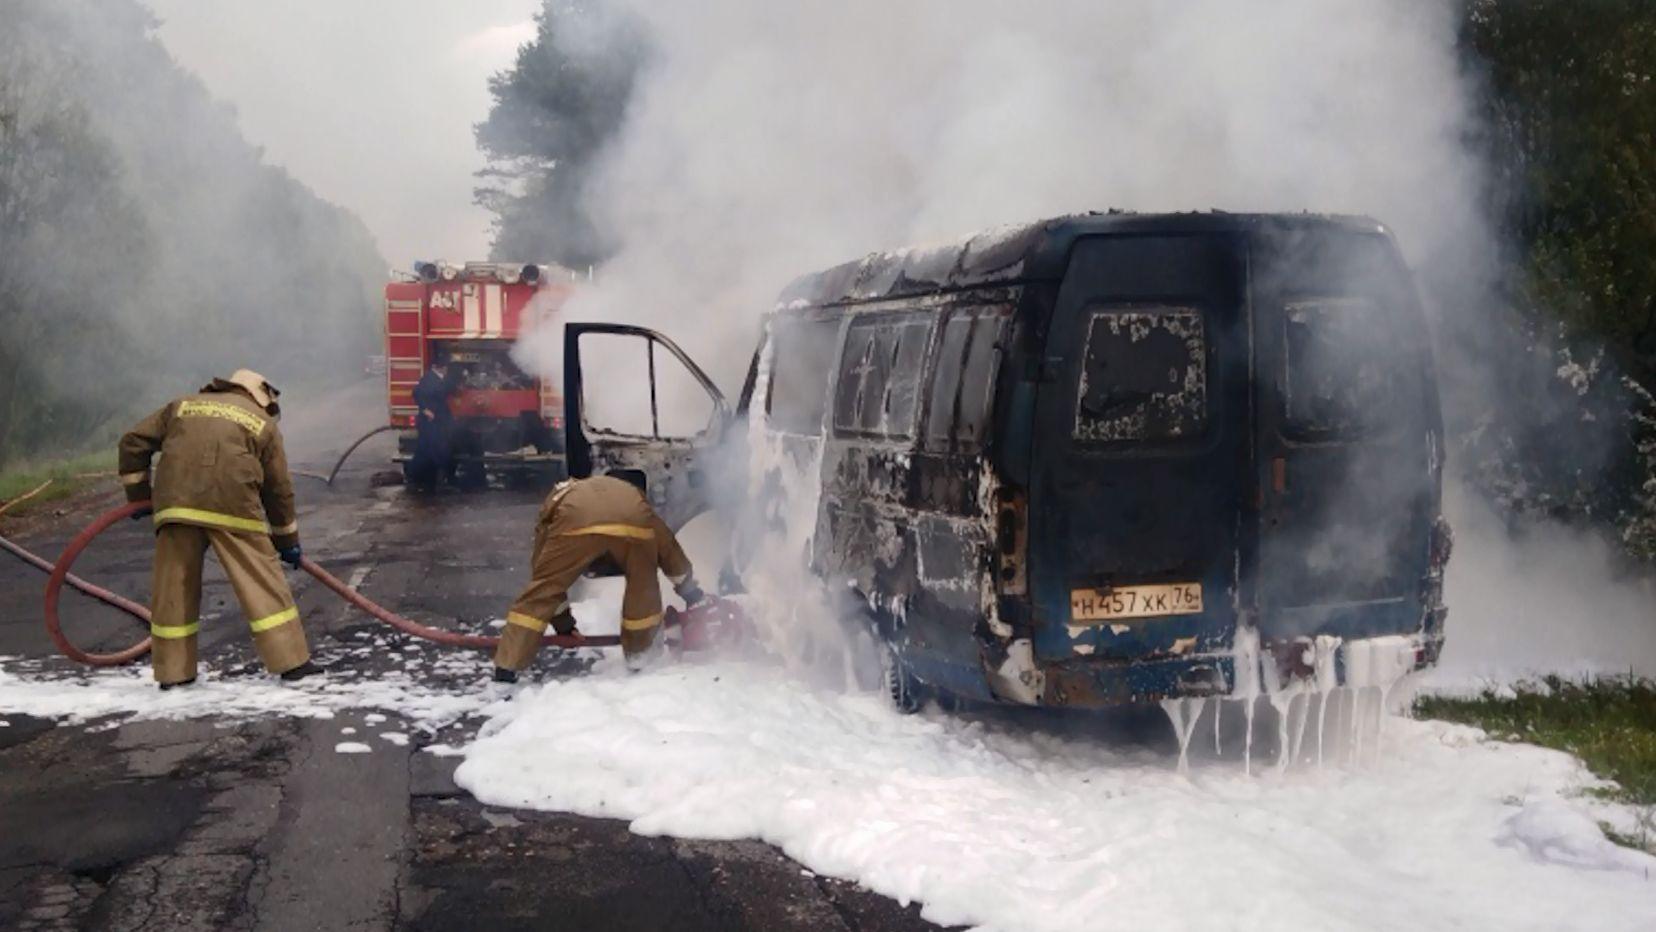 В Пошехонском районе Ярославской области газель вспыхнула прямо на дороге